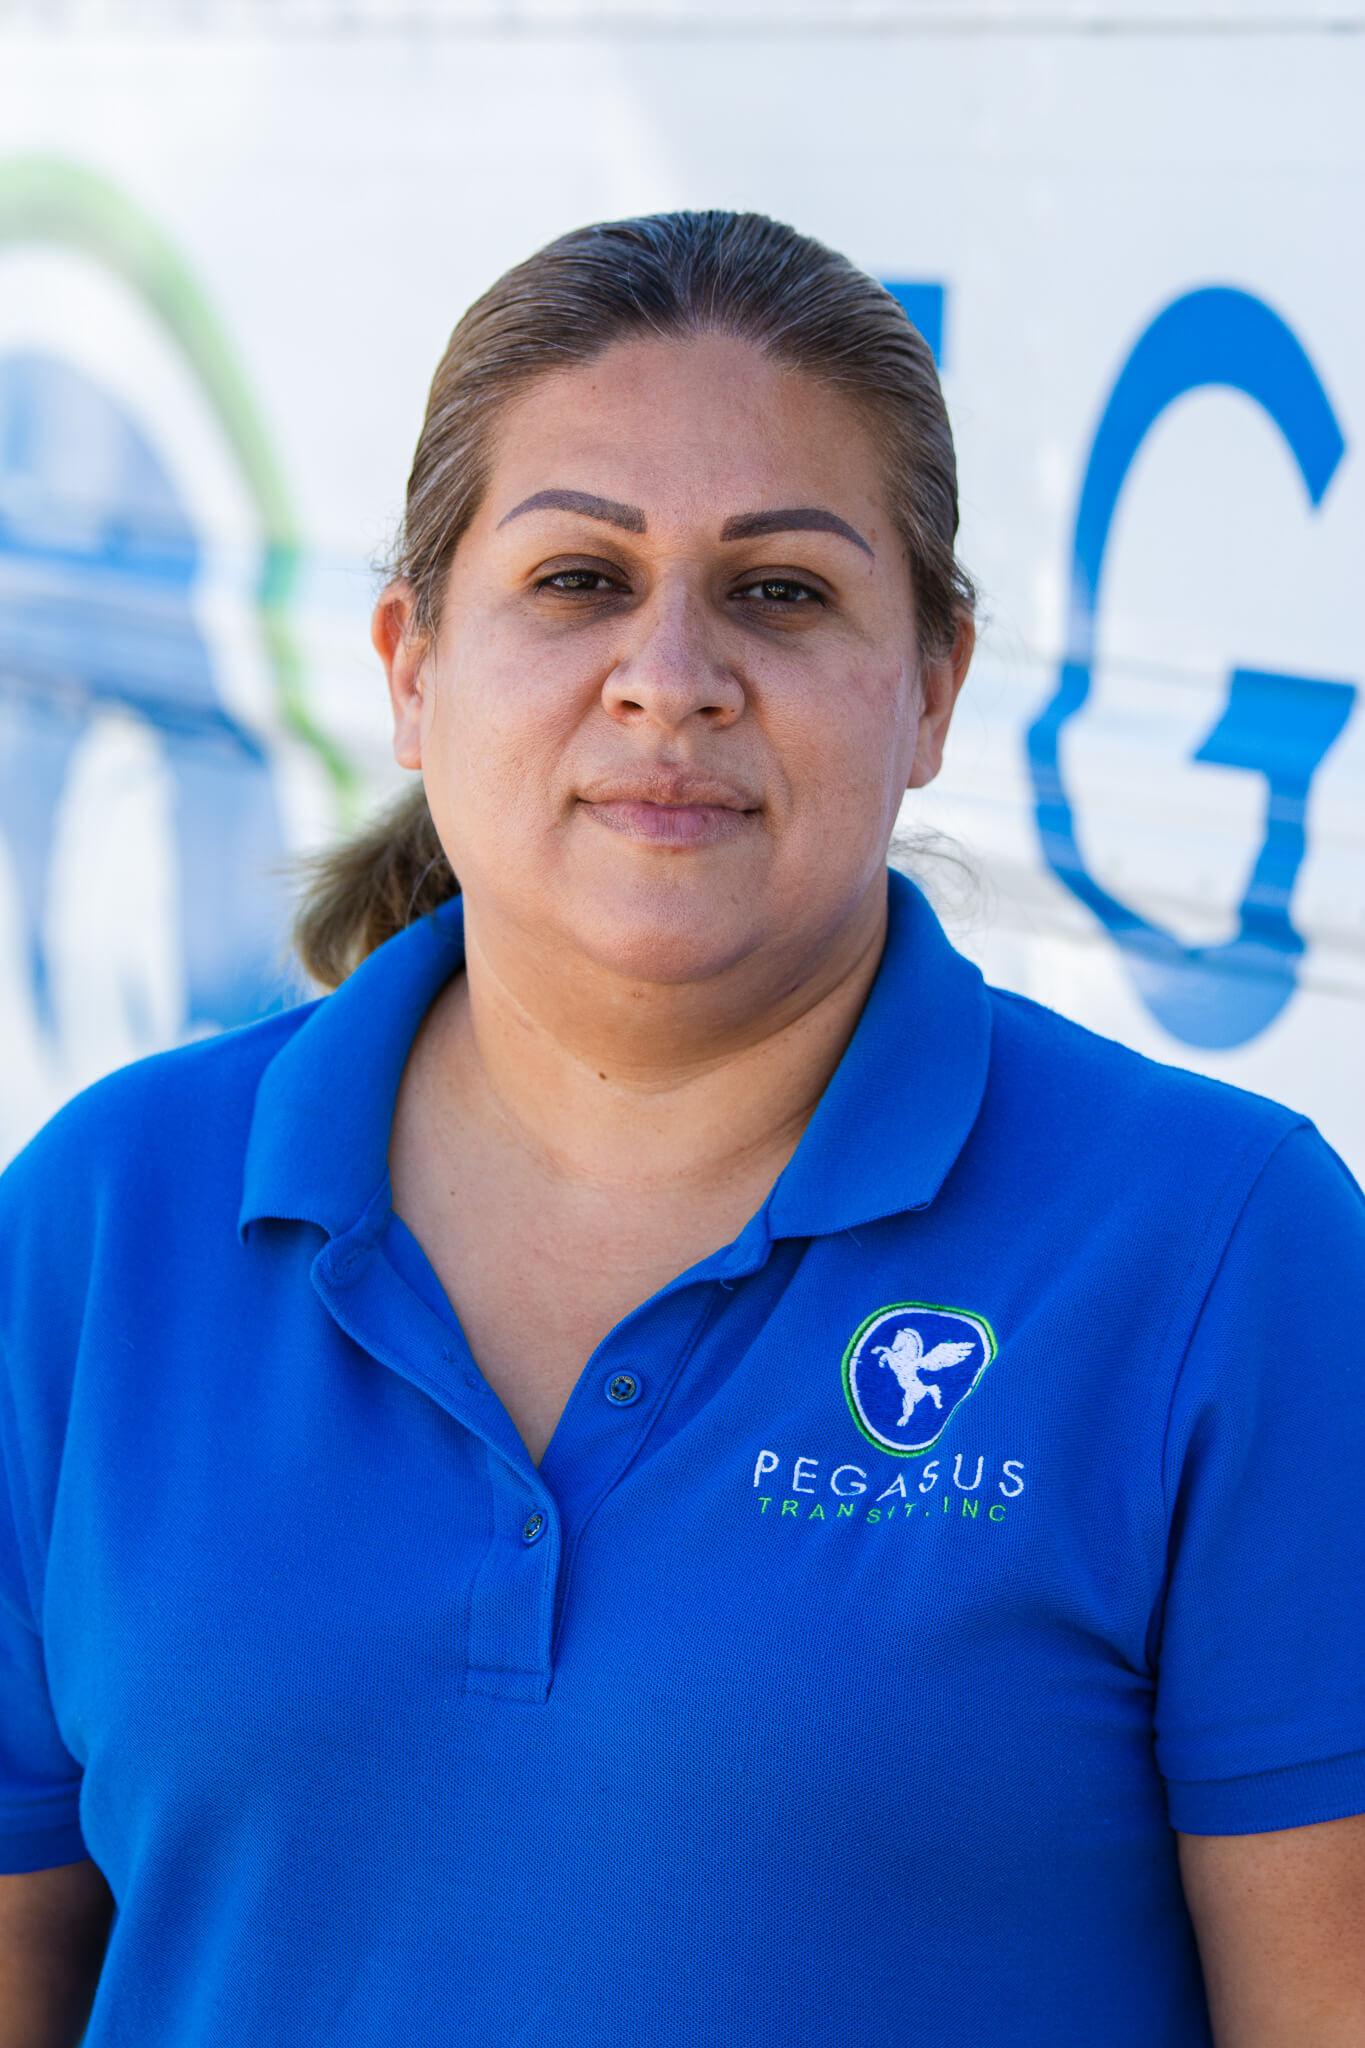 A portrait of a female Pegasus Transit bus driver.